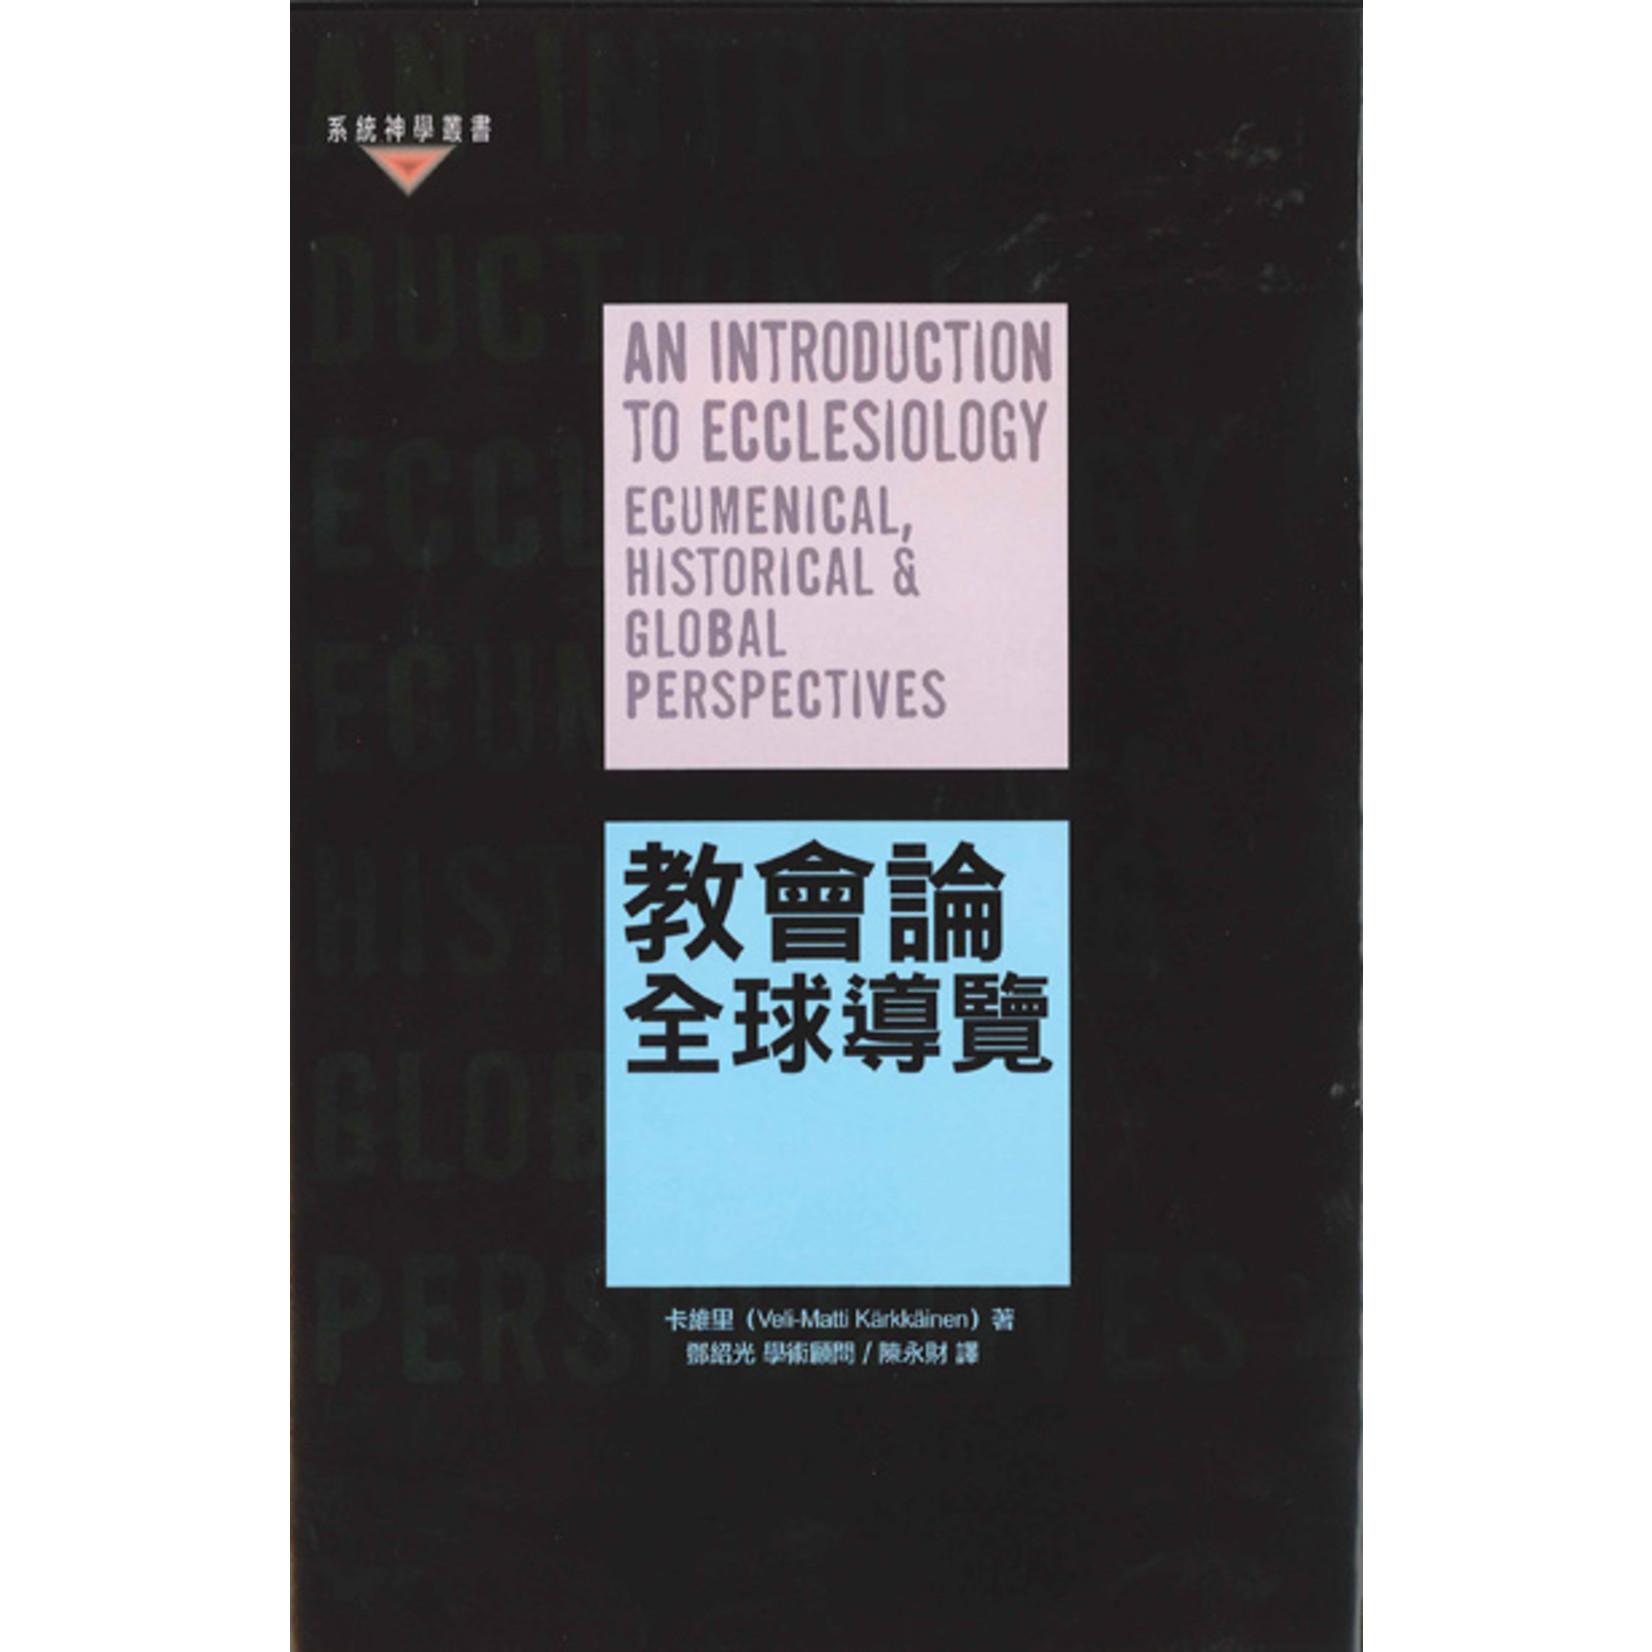 基道 Logos Book House 教會論:全球導覽 AN INTRODUCTION TO ECCLESIOLOGY: ECUMENICAL, HISTORICAL & GLOBAL PERSPECTIVES